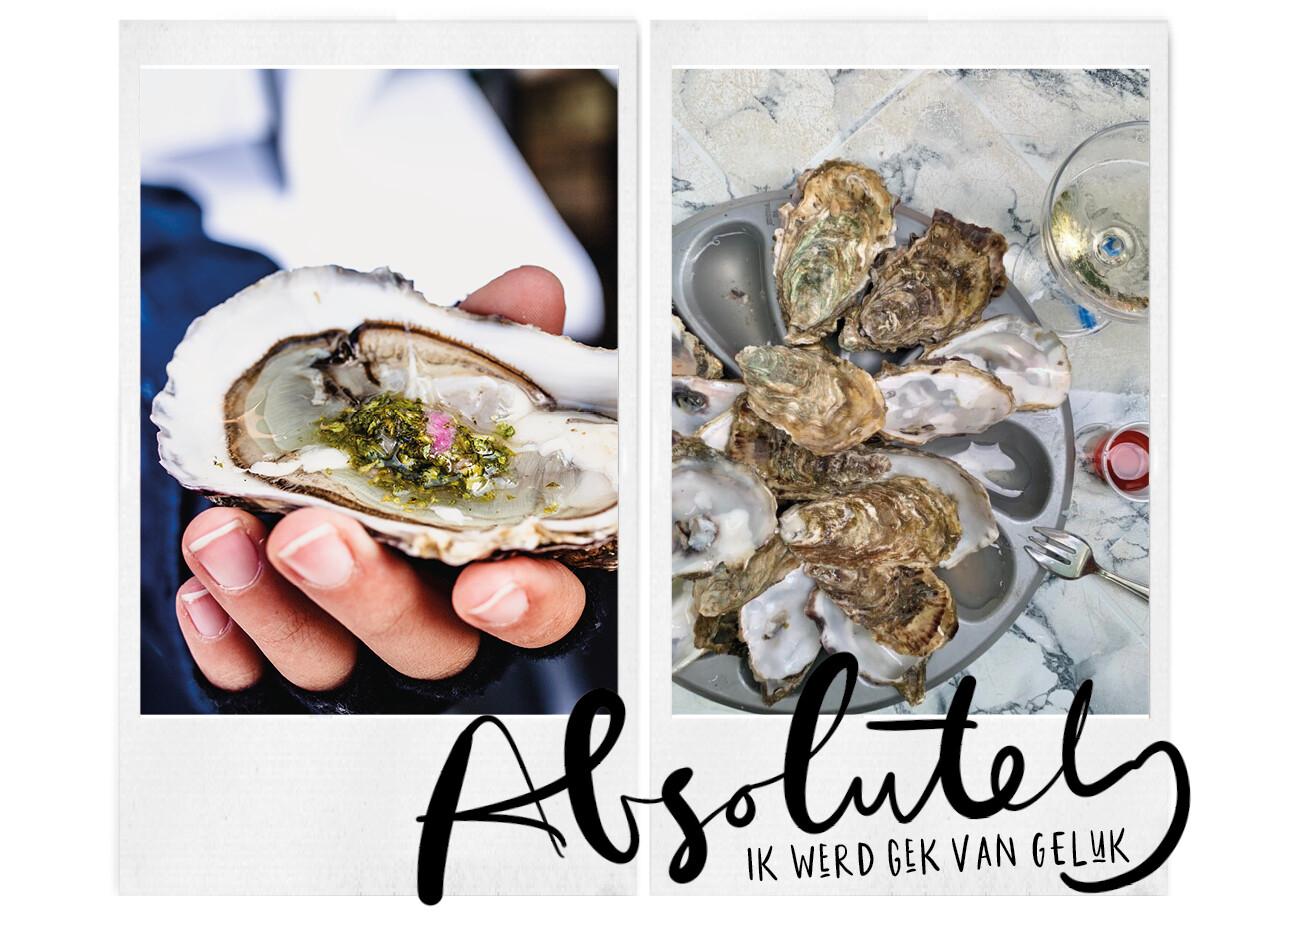 dit is de perfecte vakantiebestemming voor oester liefhebbers